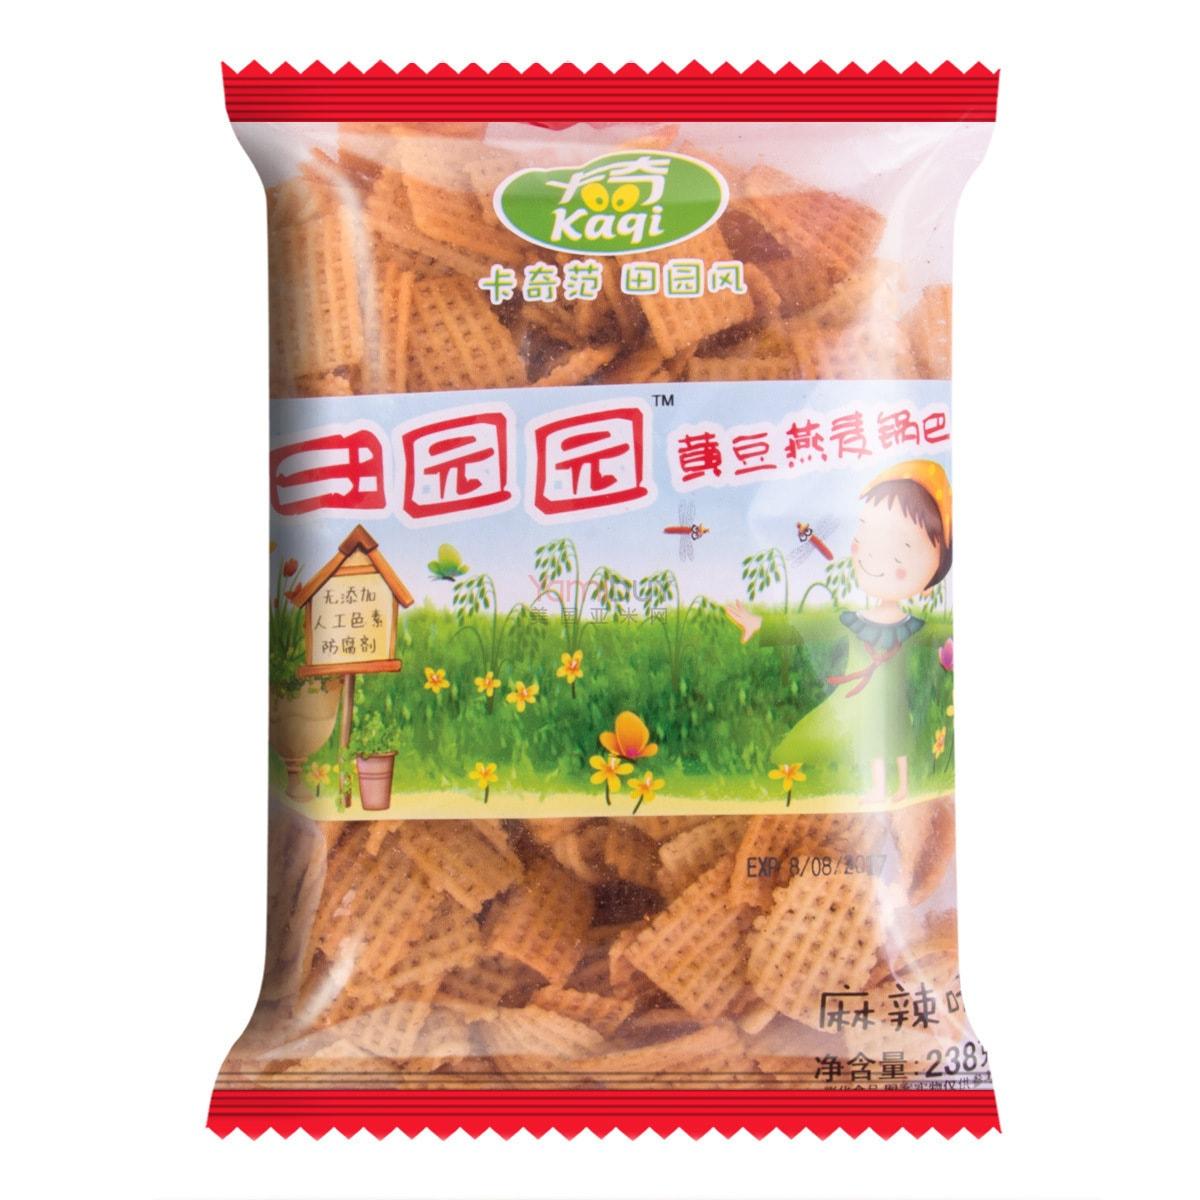 KAQI Crispy Rice Chip Spicy flavor 238g